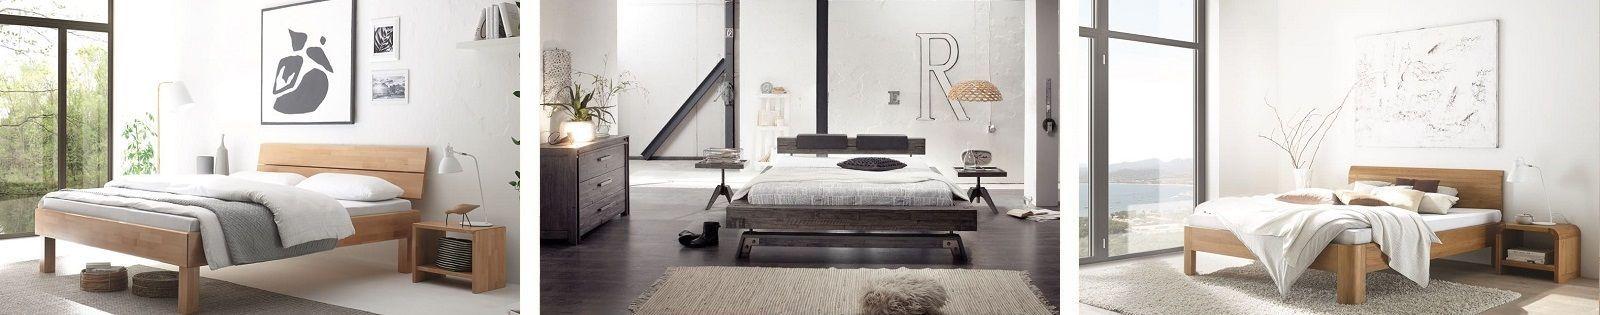 HASENA : meubles pour la chambre haut de gamme. Le Monde du Lit